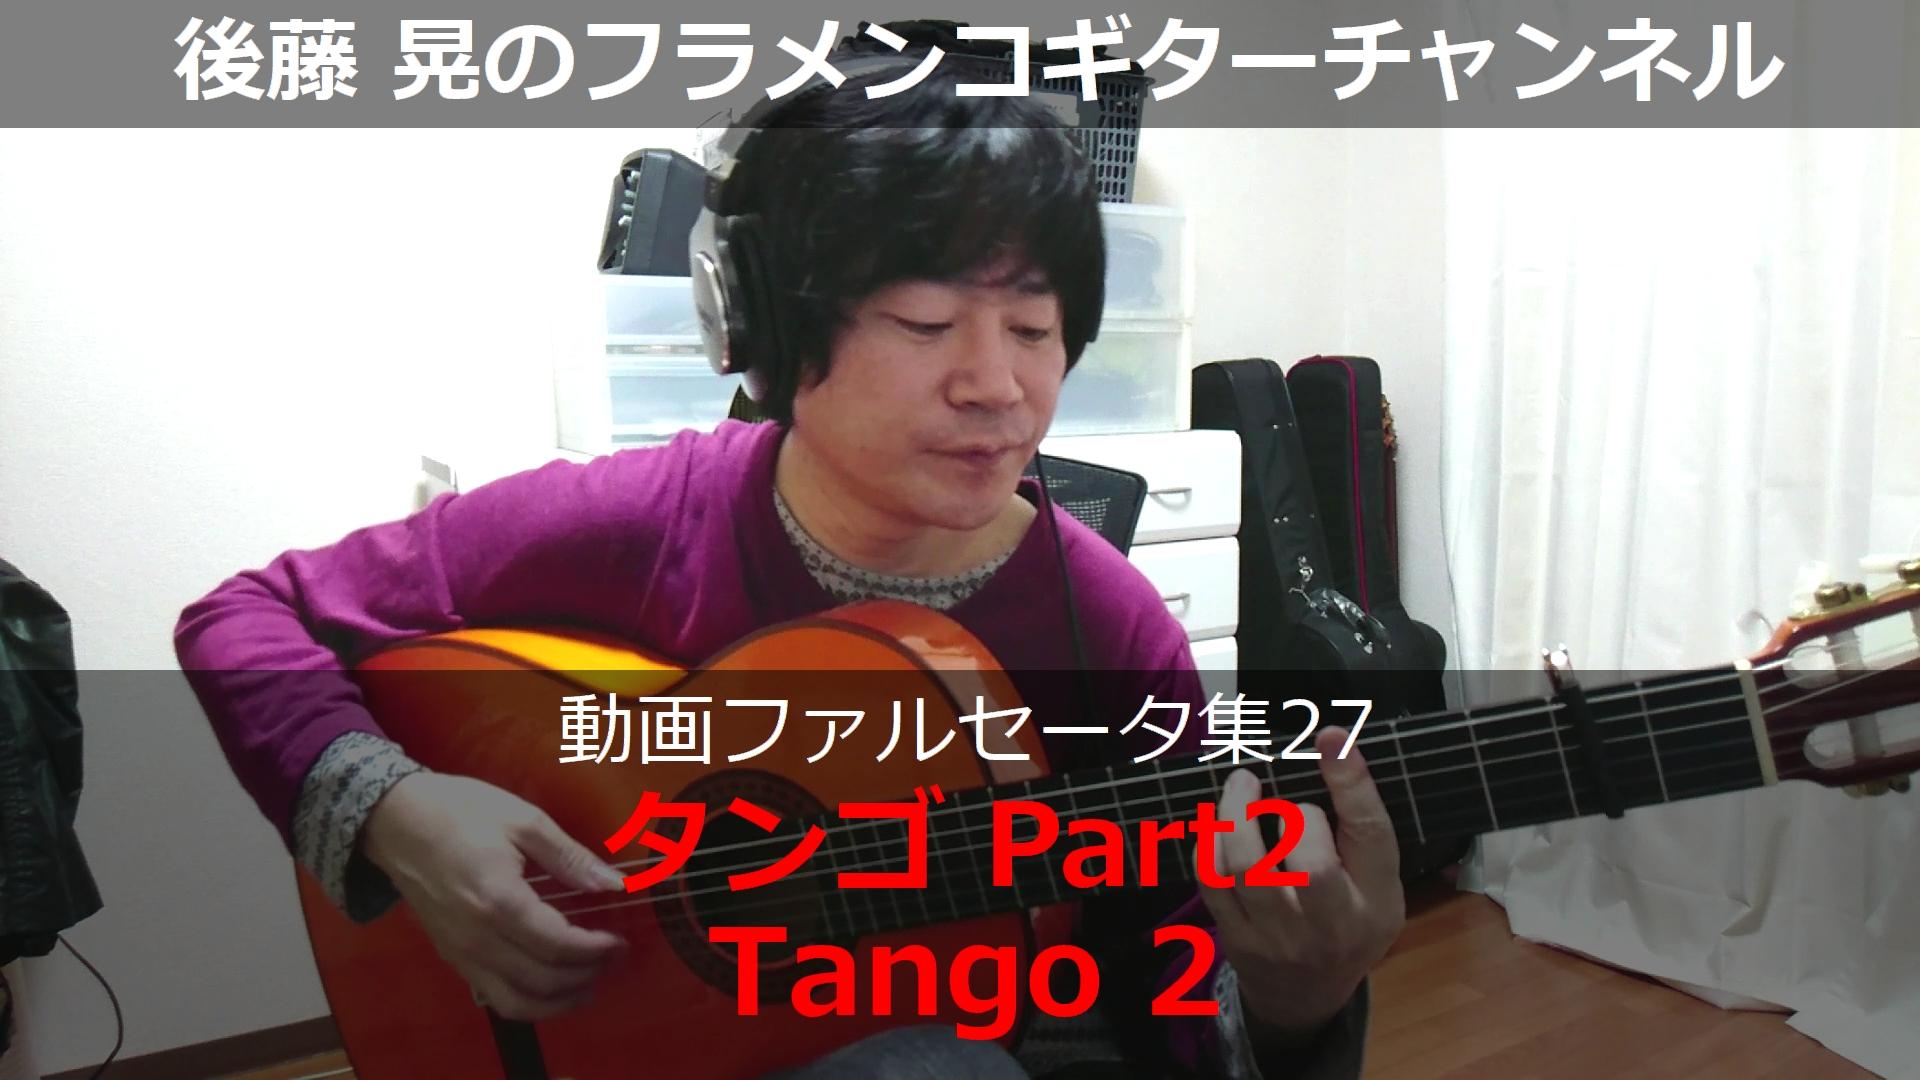 タンゴPart2